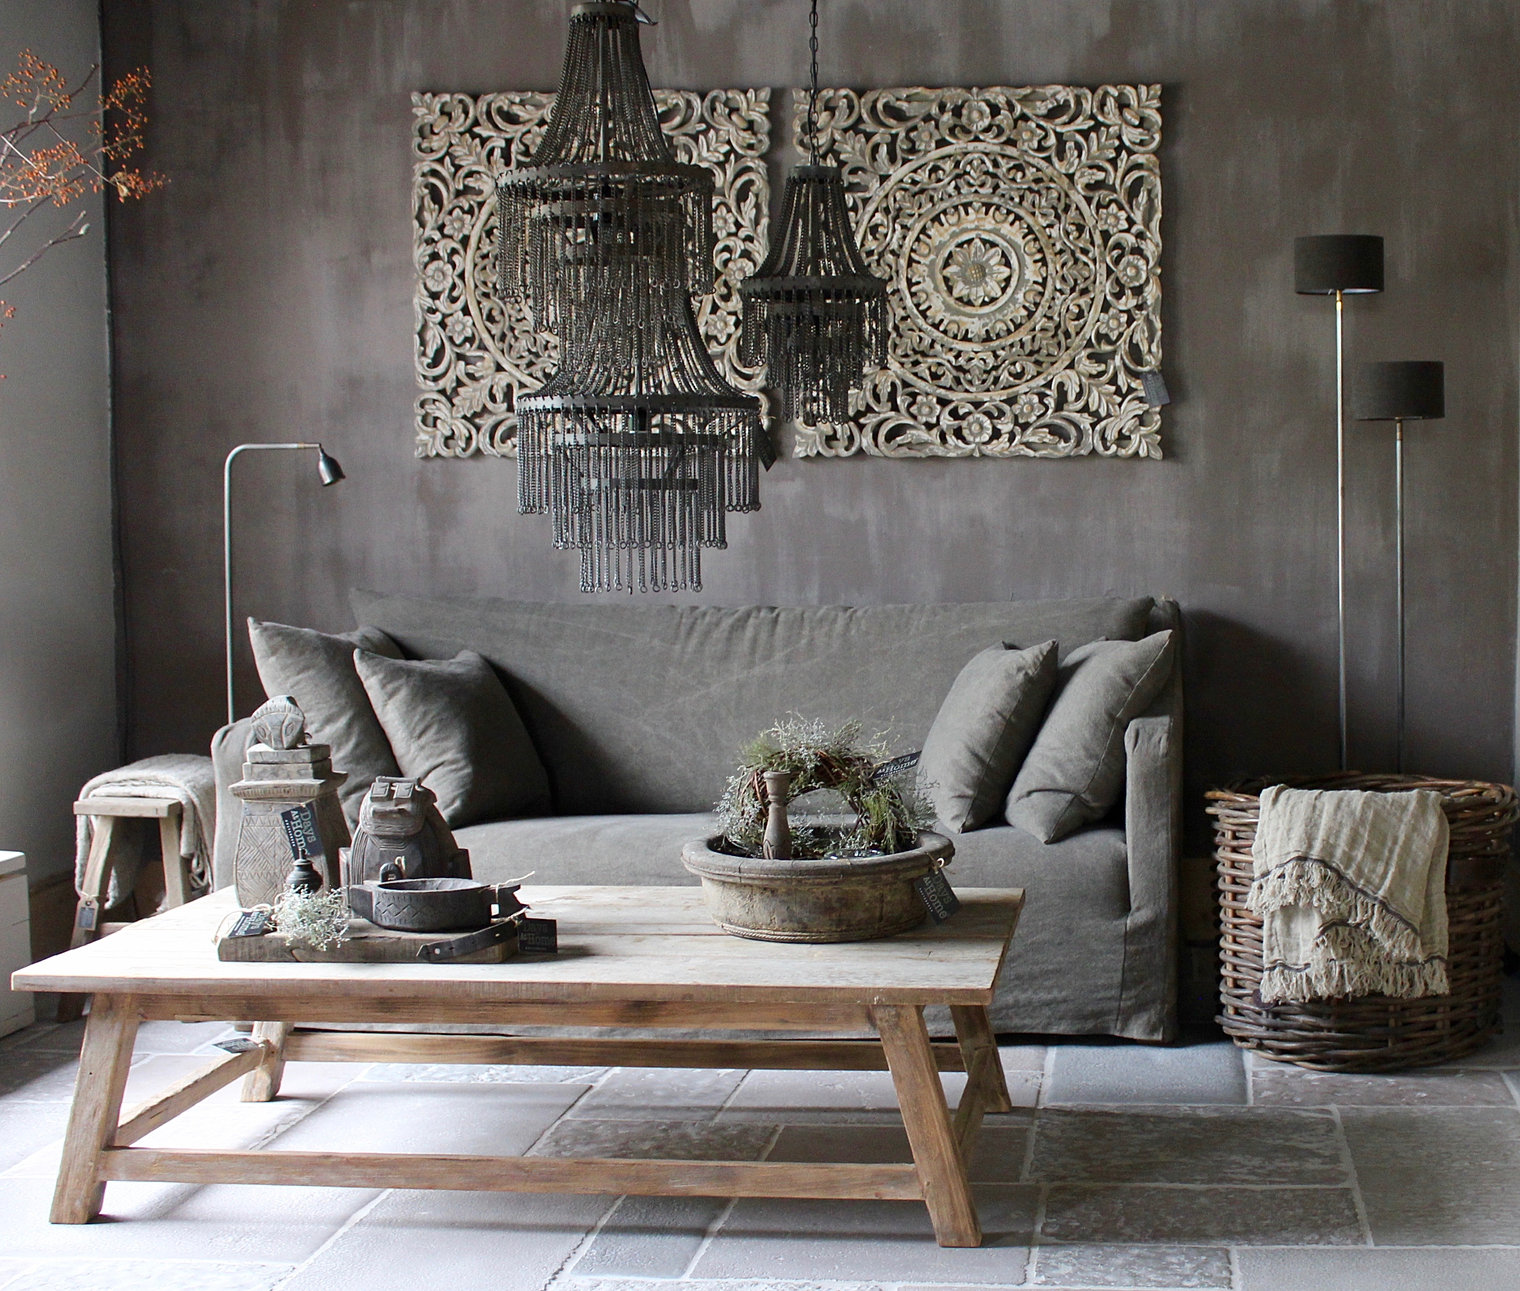 Verlichting landelijk interieur - Kroonluchter voor marokkaanse woonkamer ...